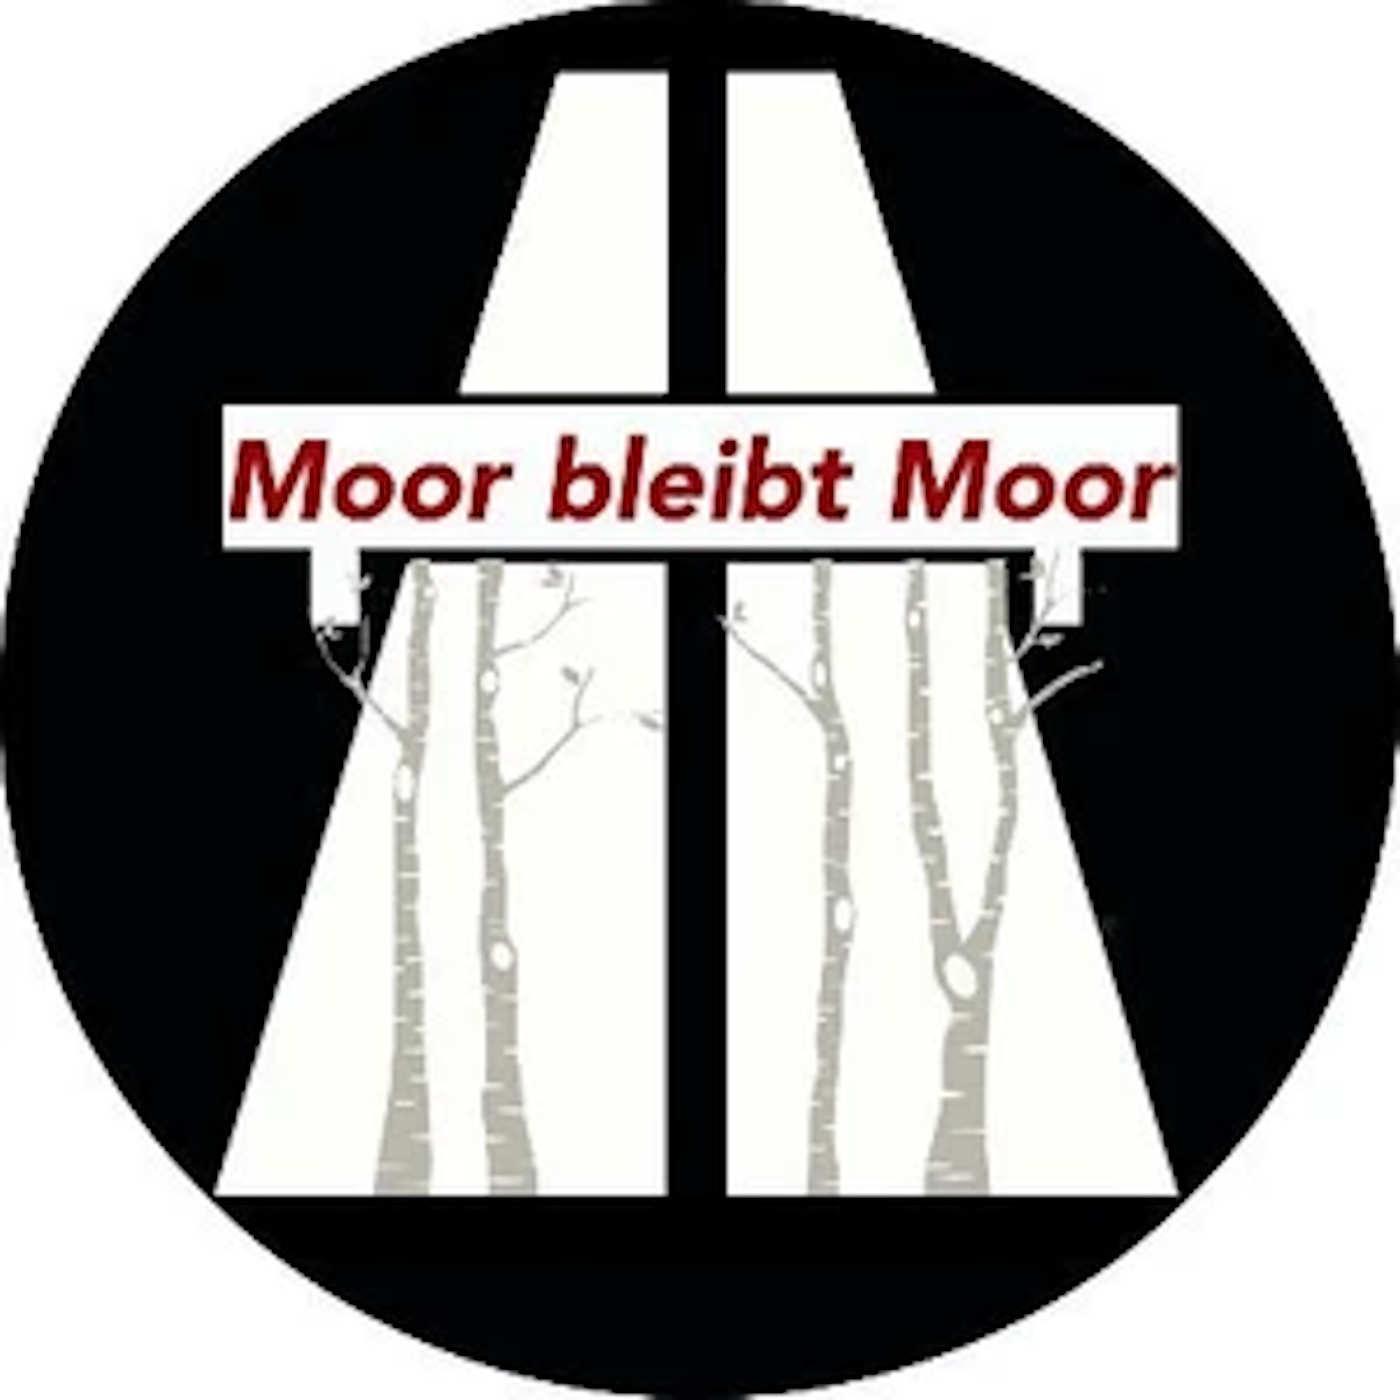 Moor bleibt Moor